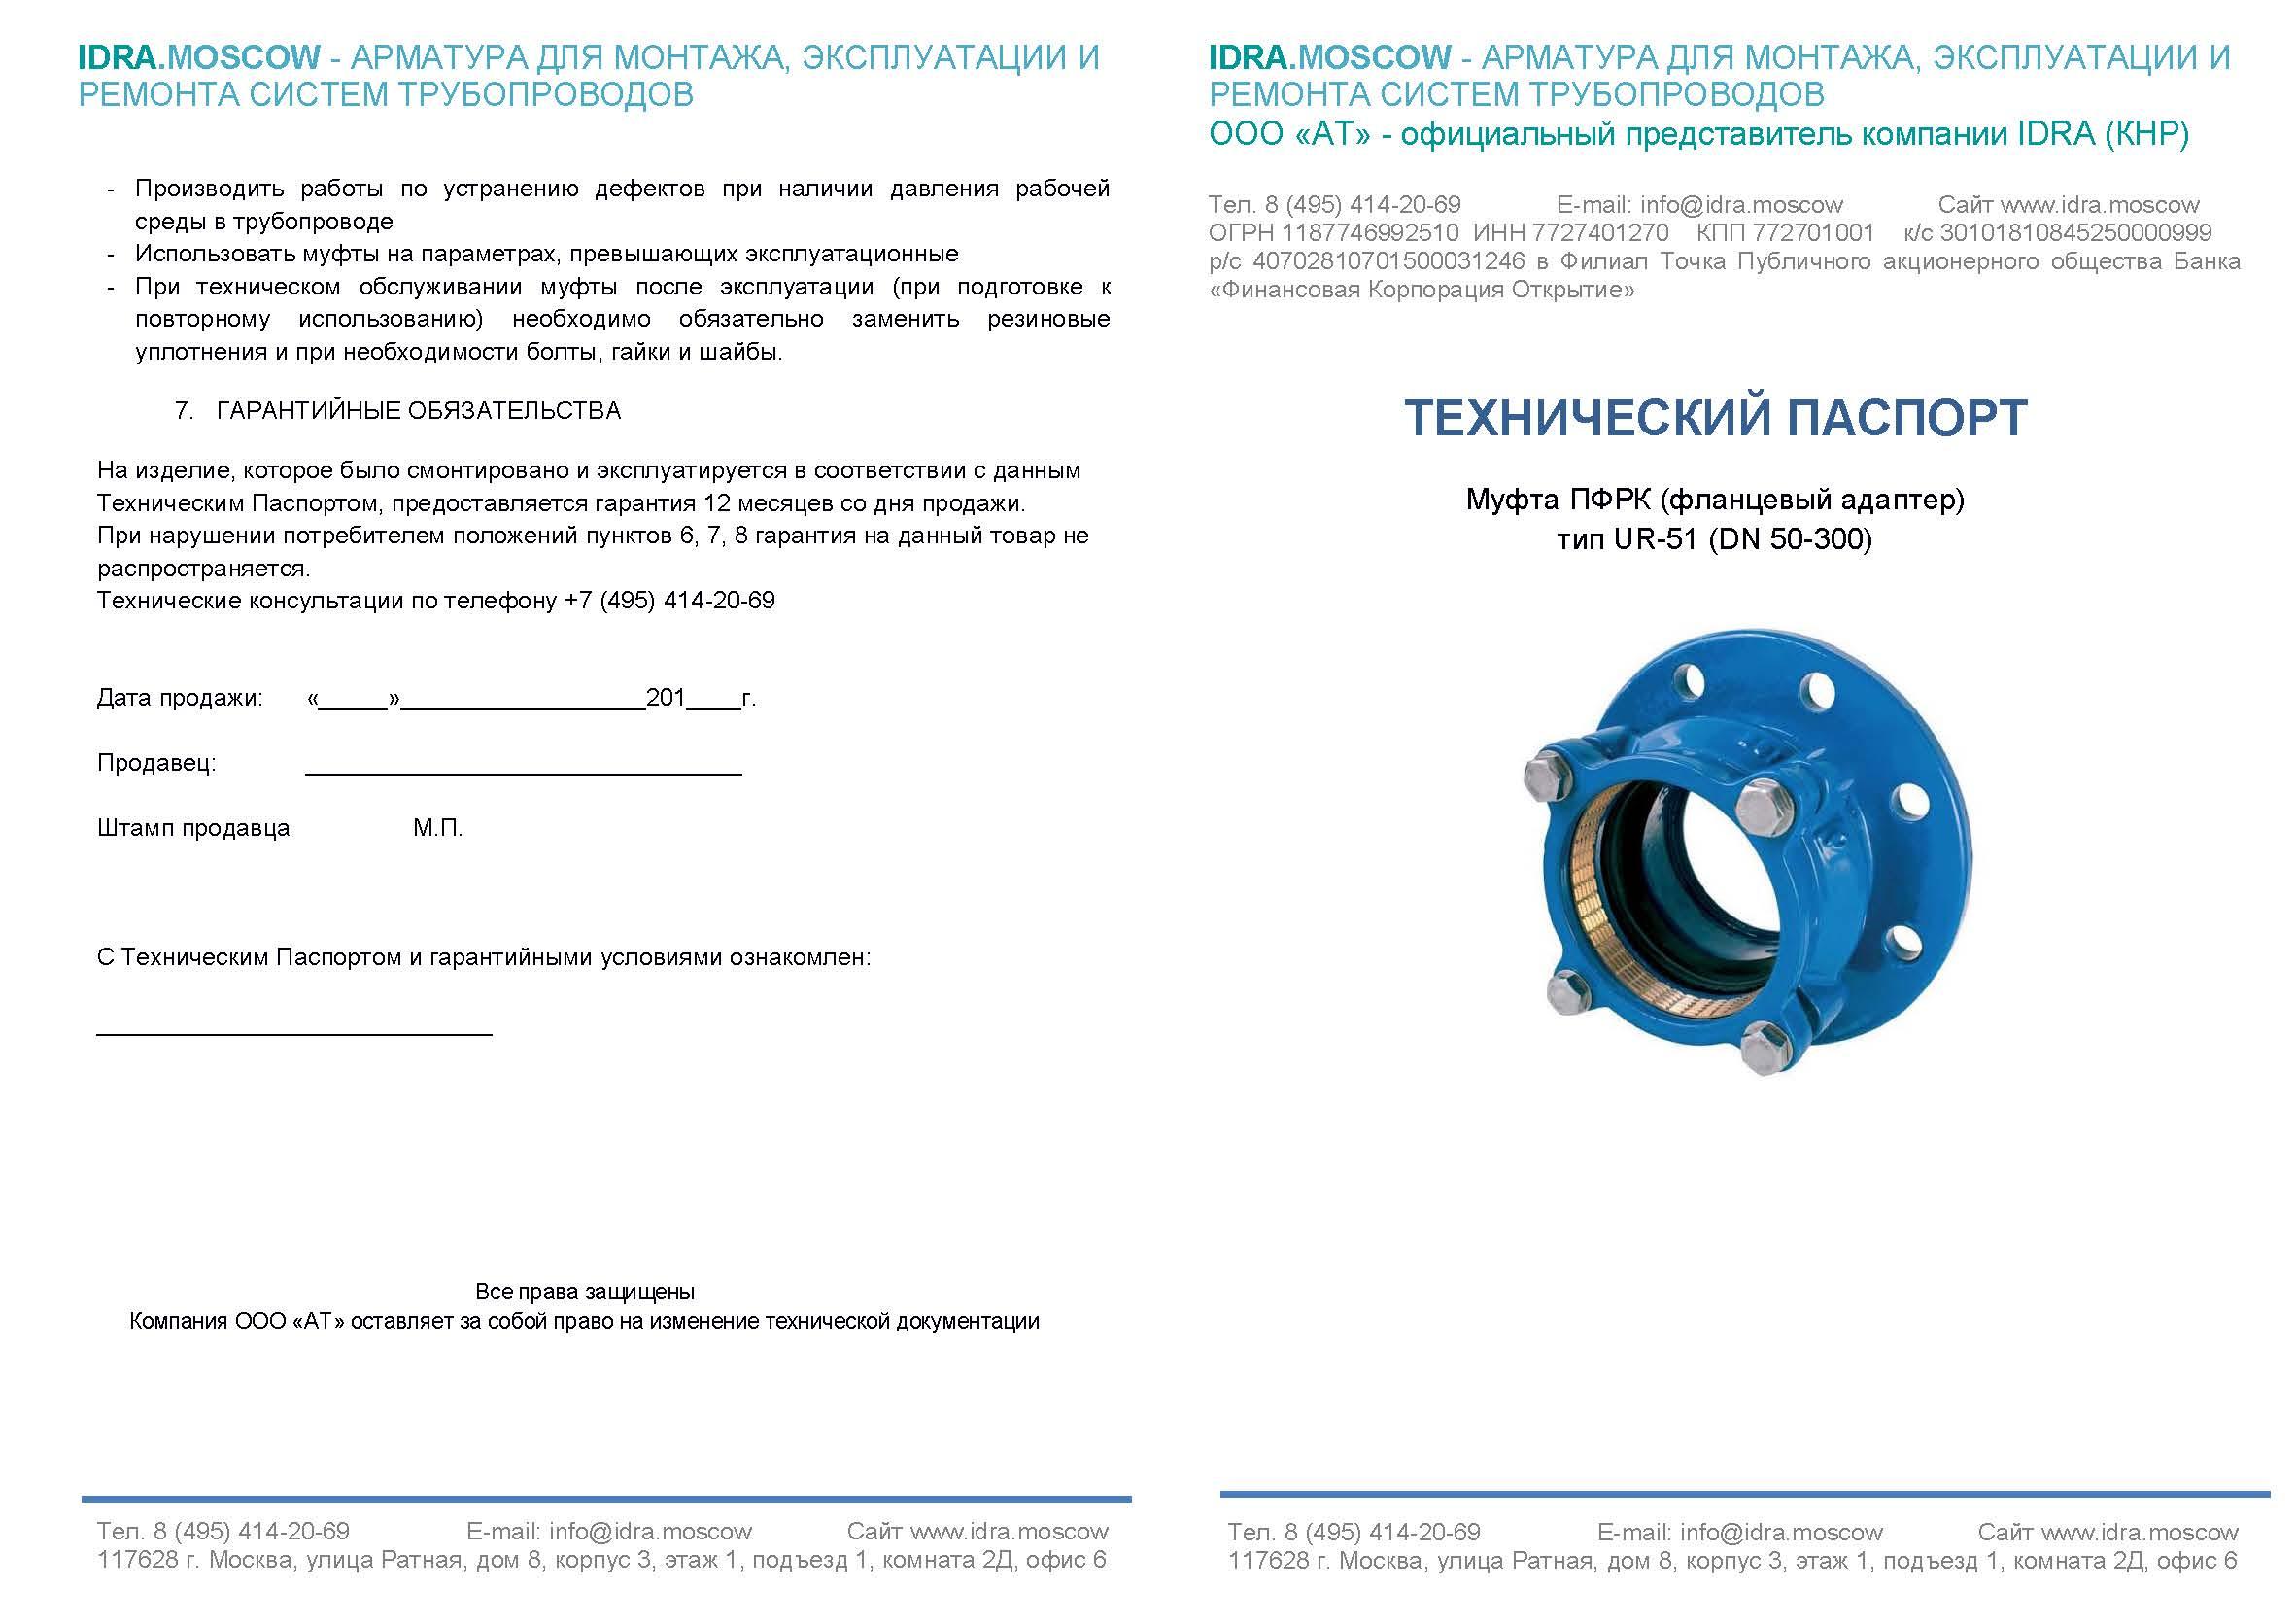 Паспорт ПФРК IDRA UR-51